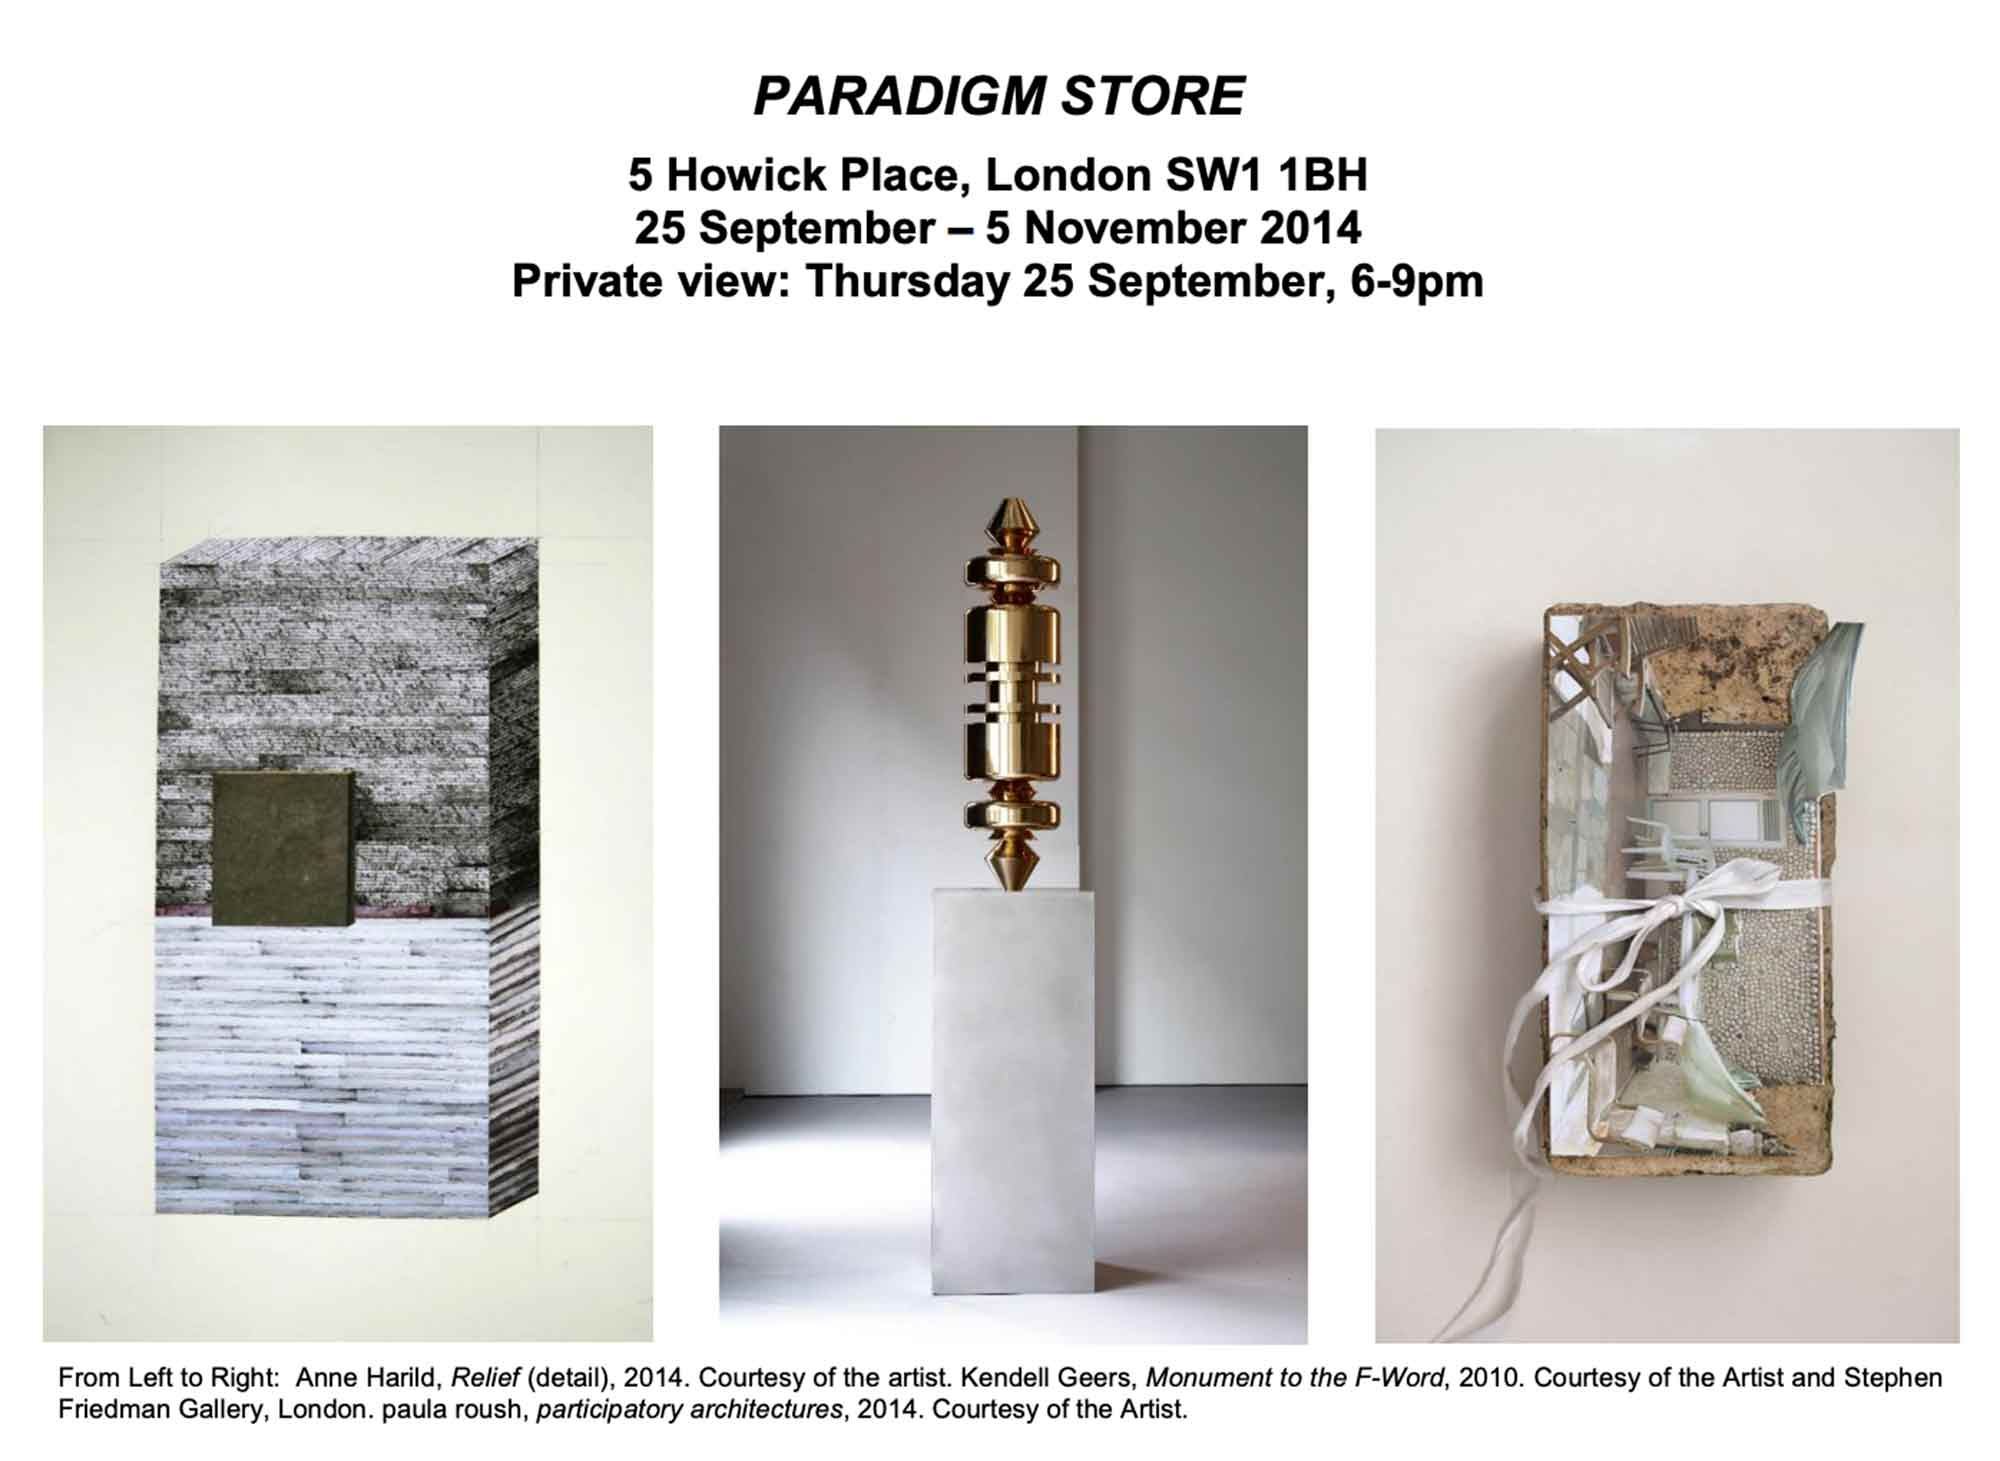 paradigm-store-invite